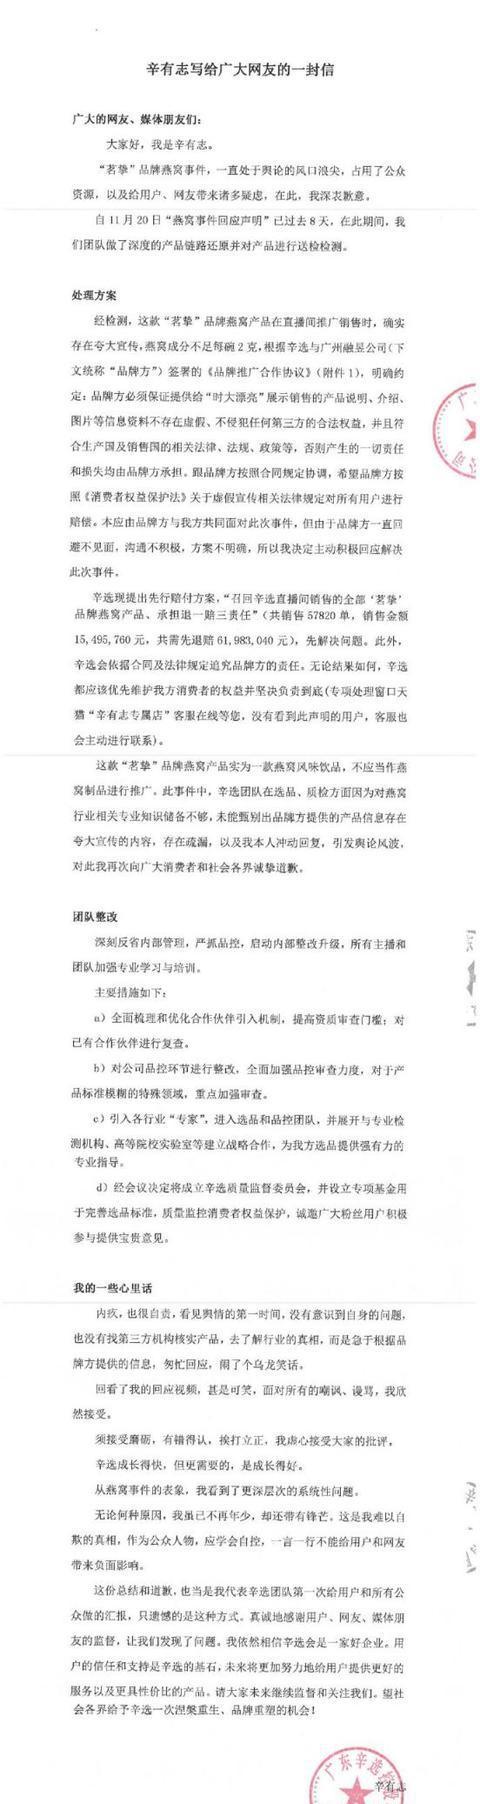 辛巴辛有志回应燕窝事件:内疚,自责,虚心接受批评